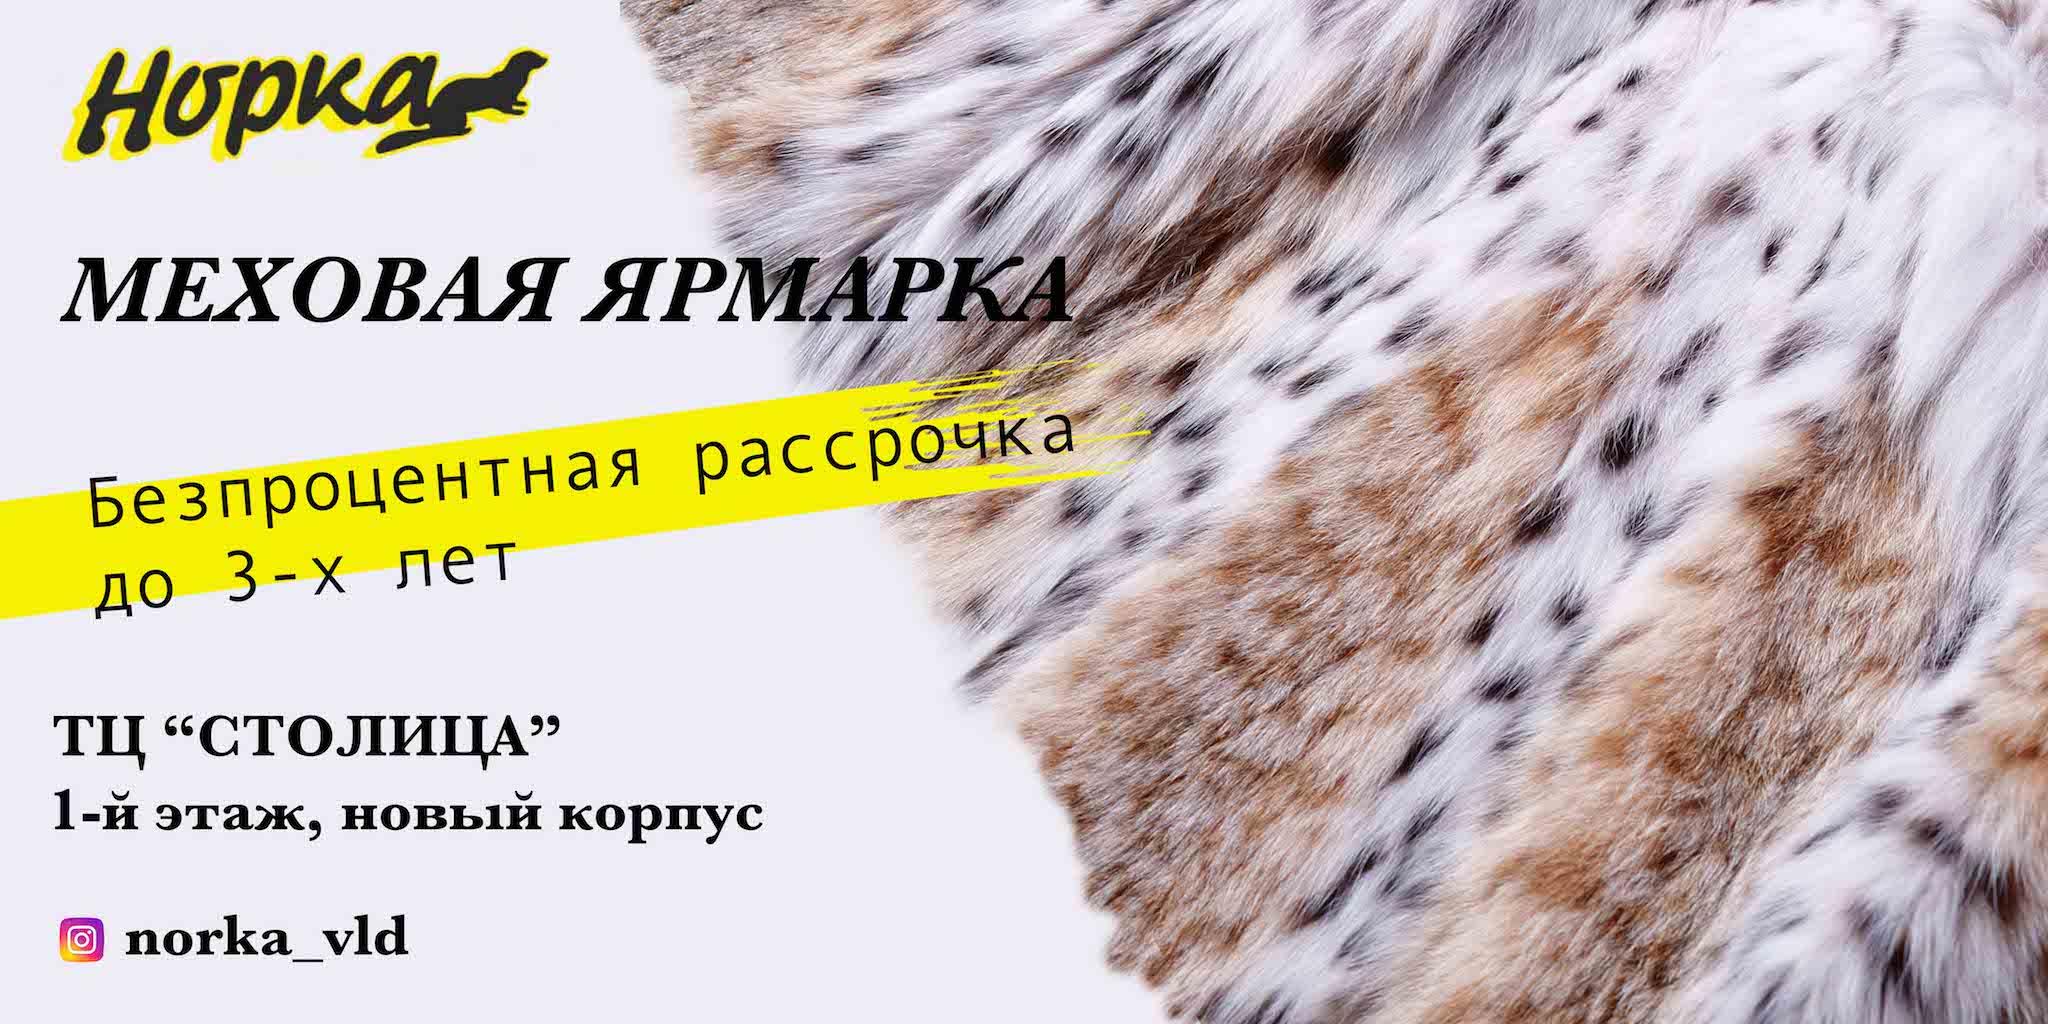 Дизайнера для создания Банера  фото f_1555da239ac7c8c8.jpg